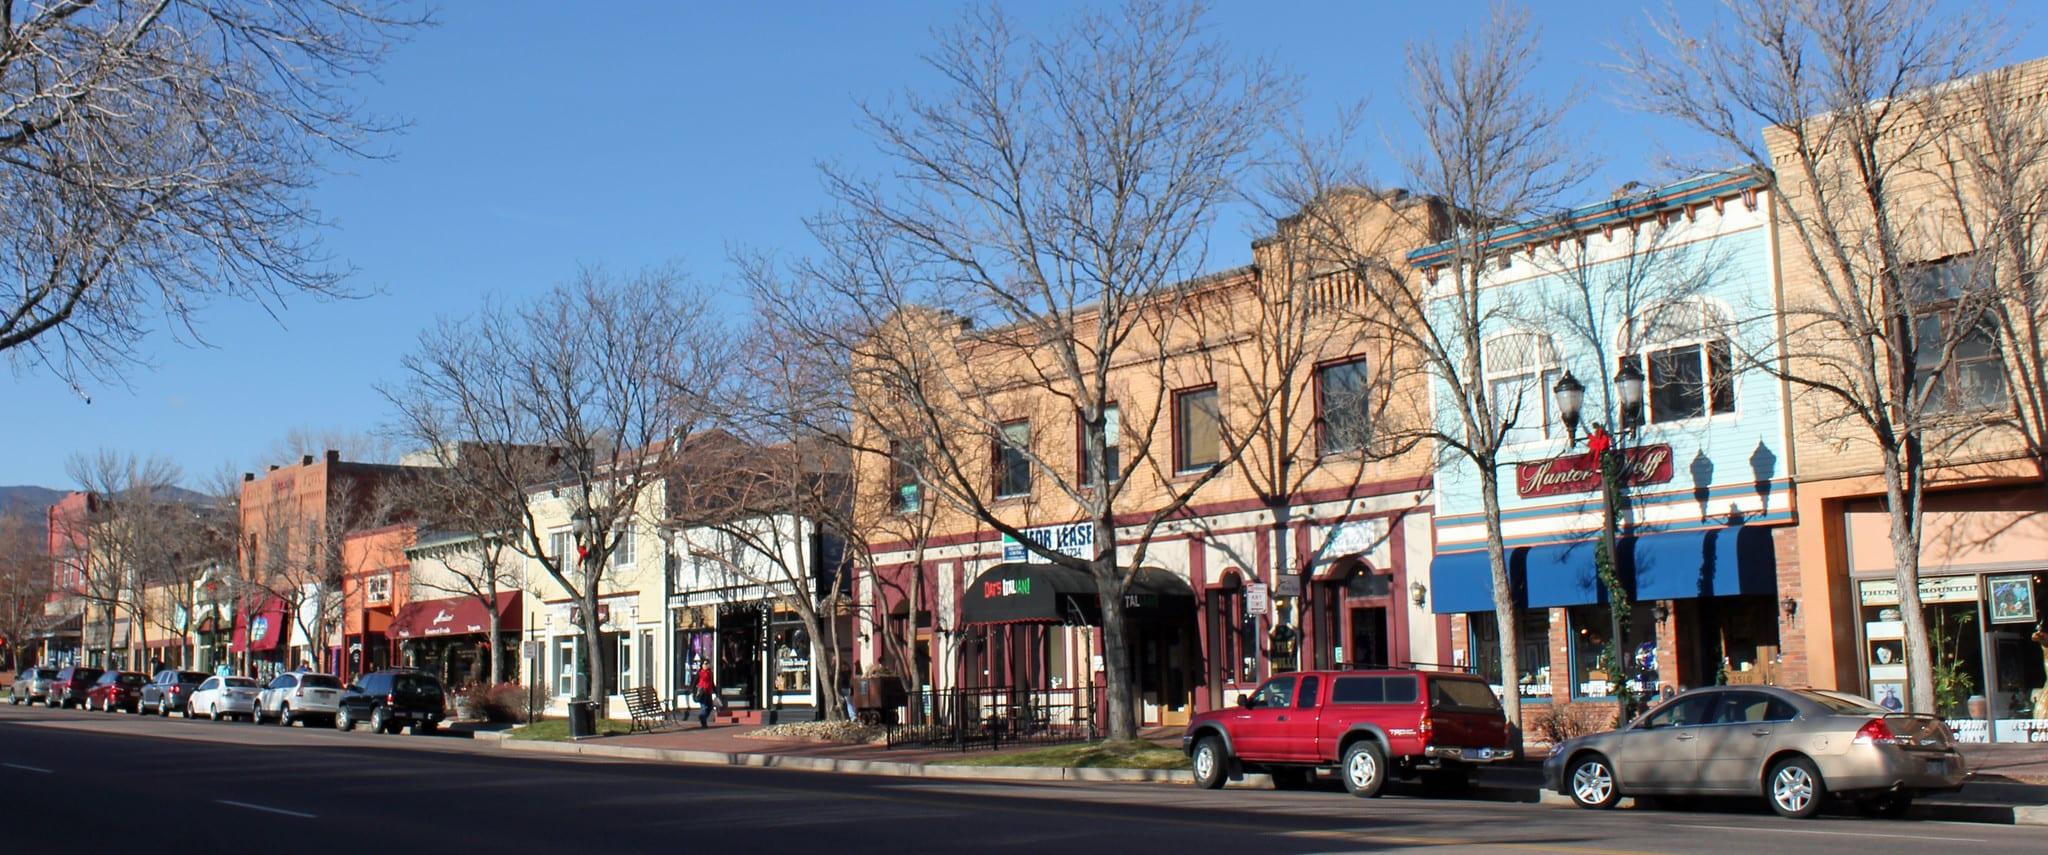 image of old colorado city